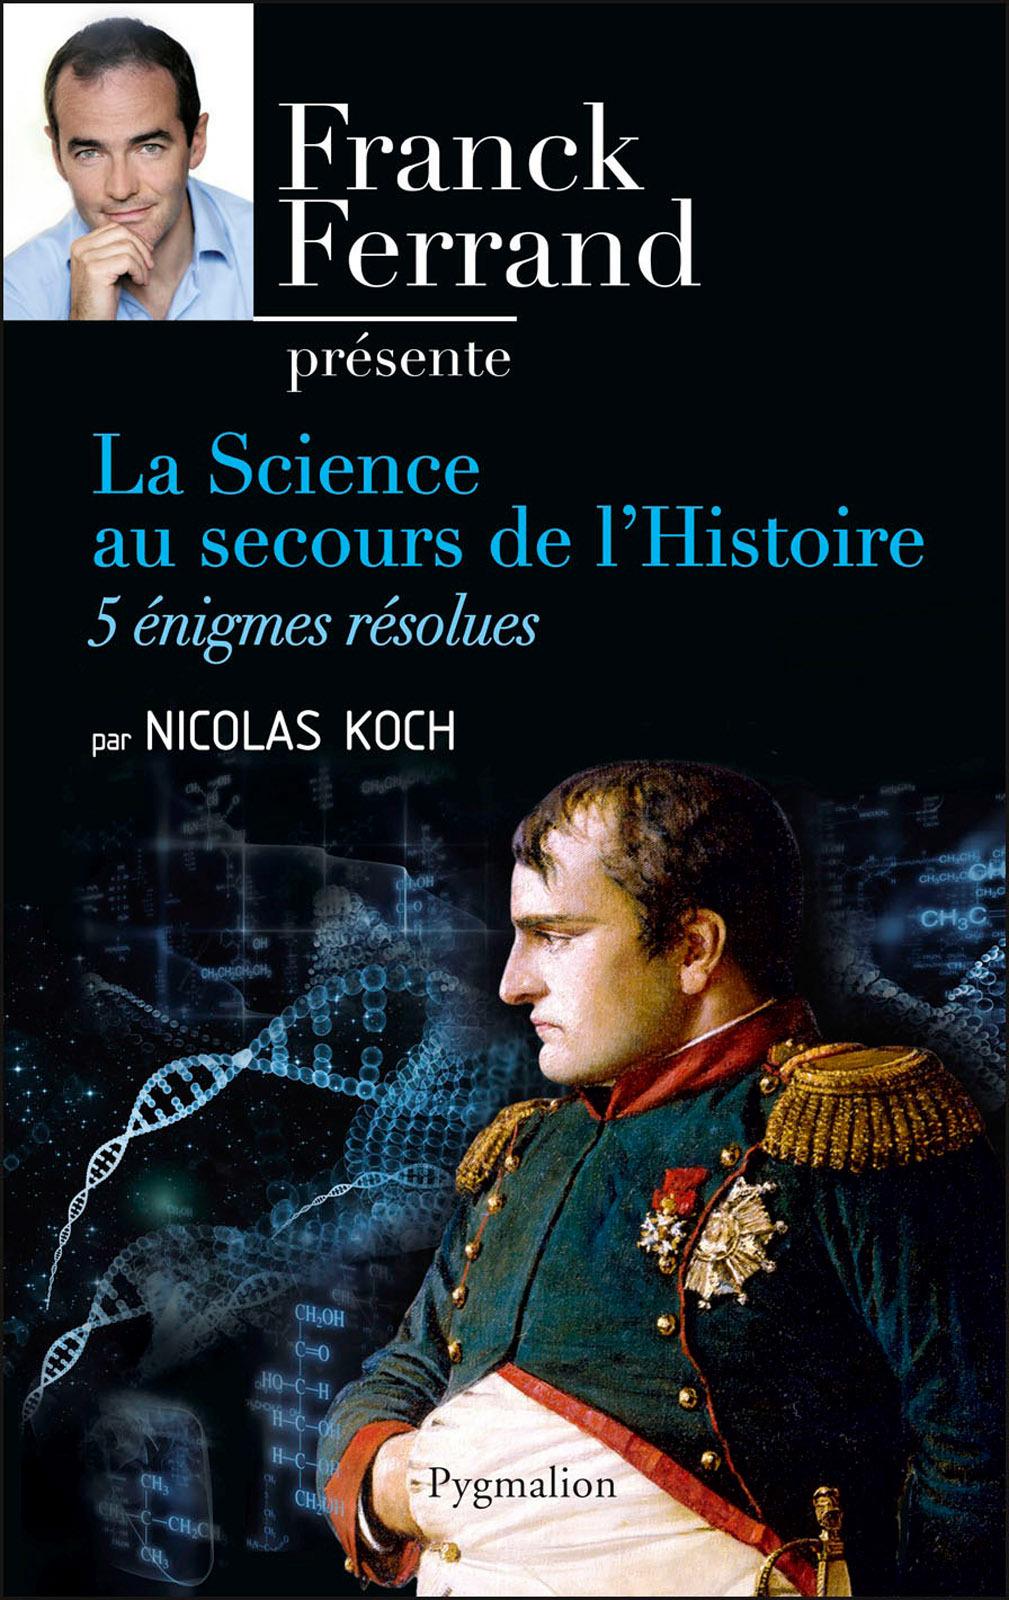 La Science au secours de l'Histoire